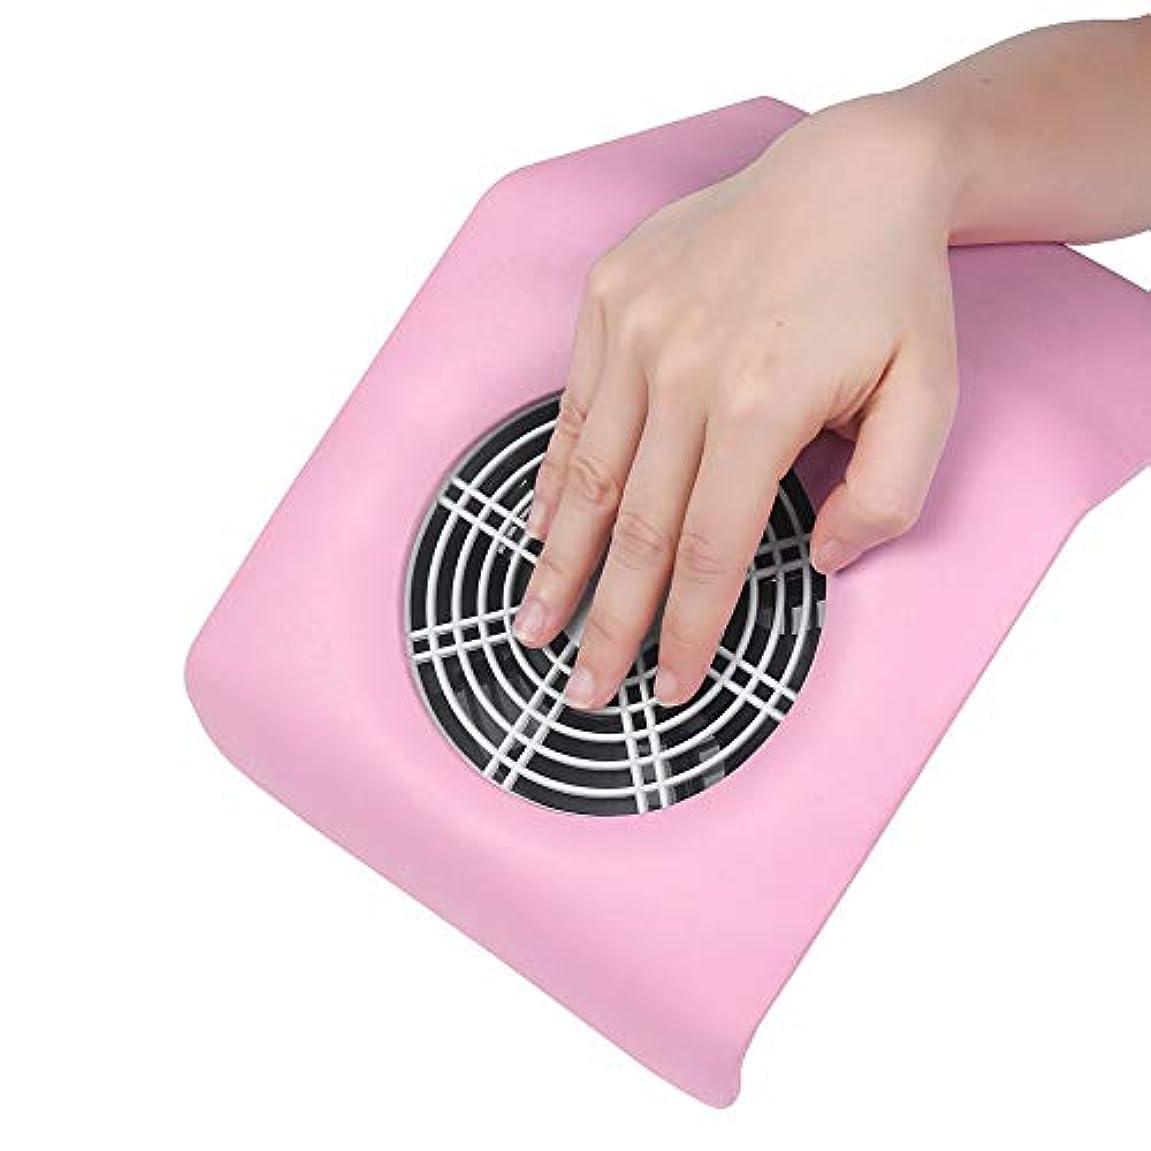 効率相対的桁ネイルケア 美容サロン 集塵機 ネイル ダスト コレクター コンパクト ジェルネイル ネイルマシーン (ピンク)